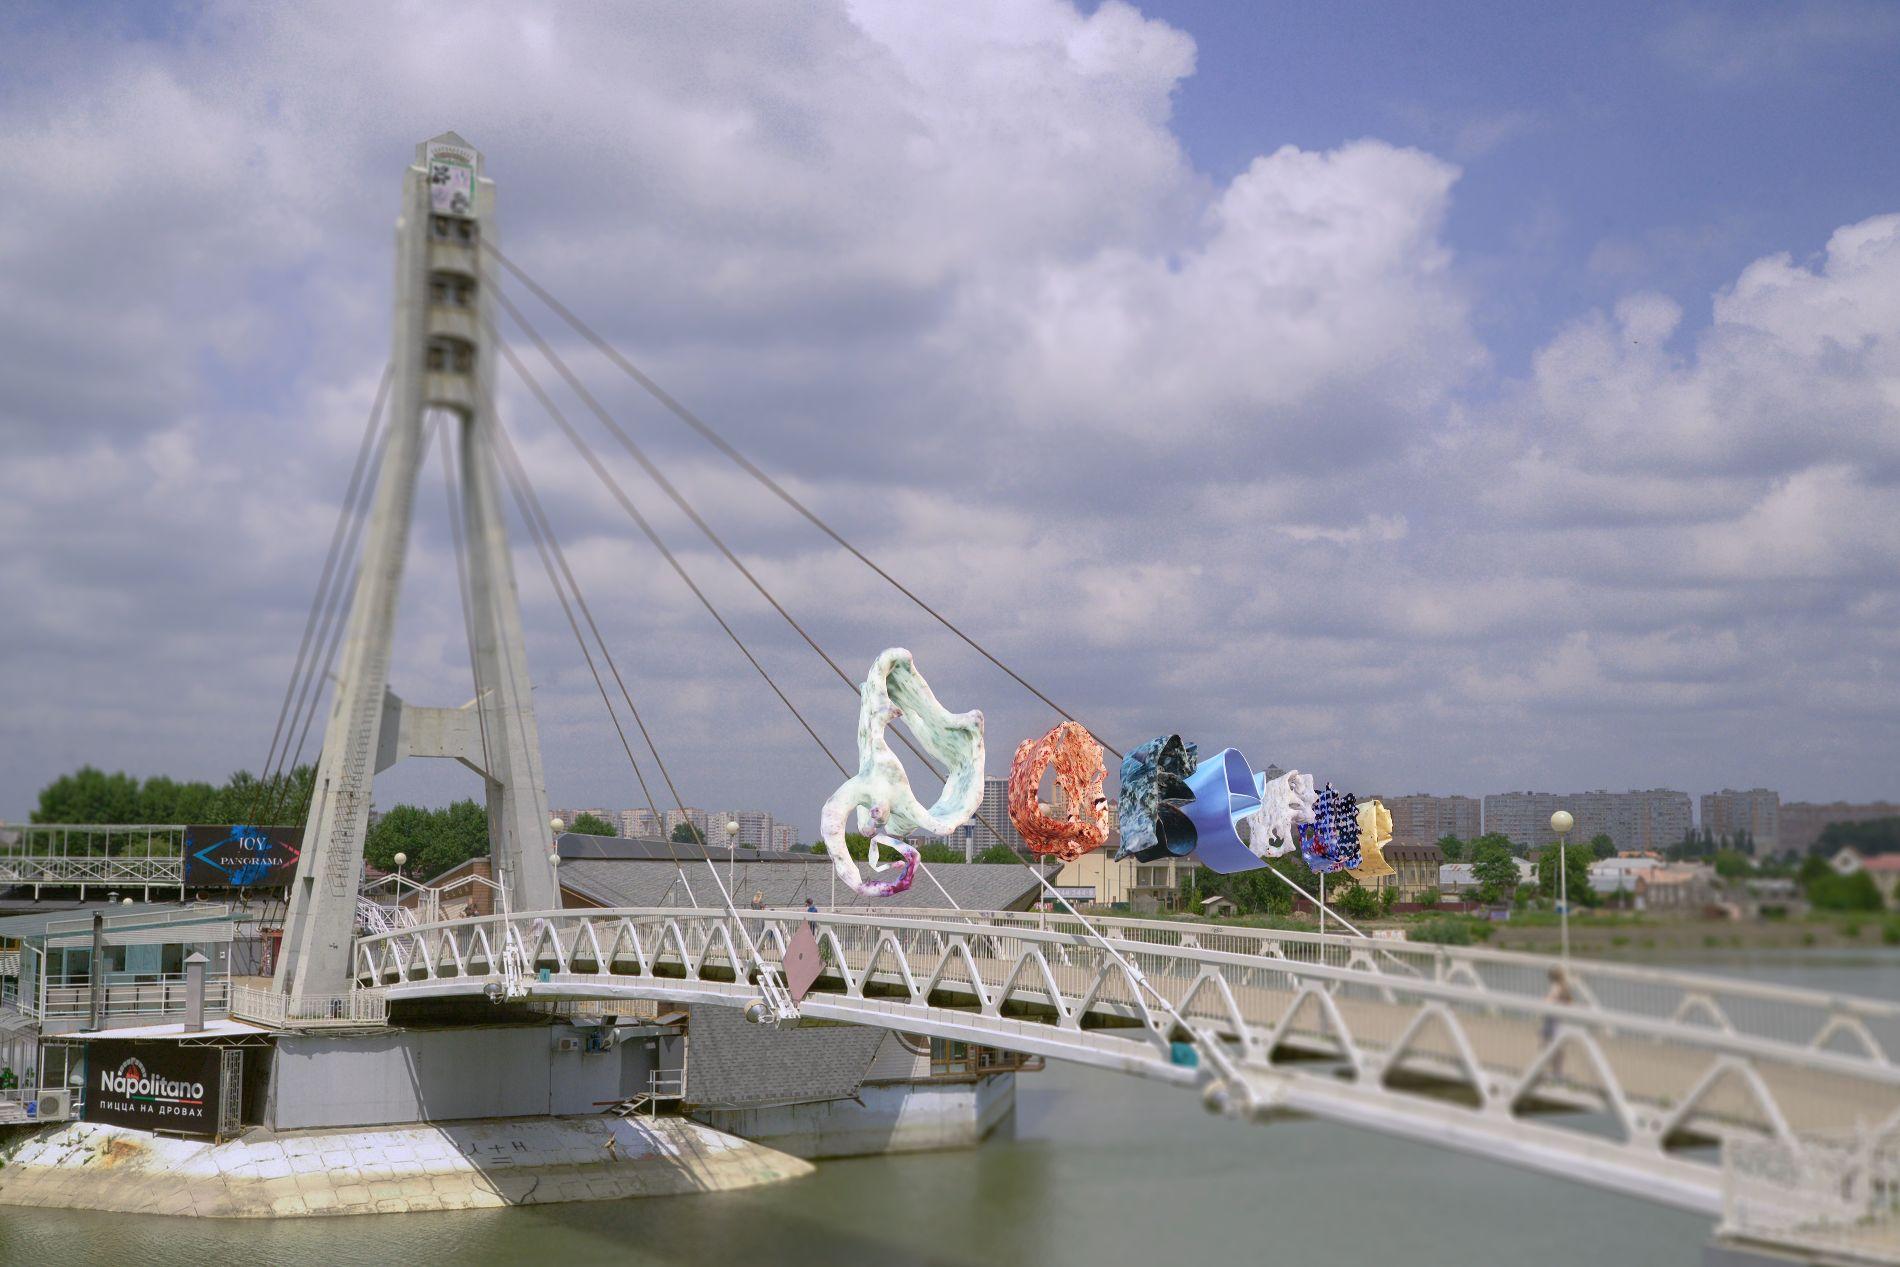 «Доверие», виртуальная скульптура Кирилла Макарова ©Пресс-служба фестиваля Rosbank Future Cities